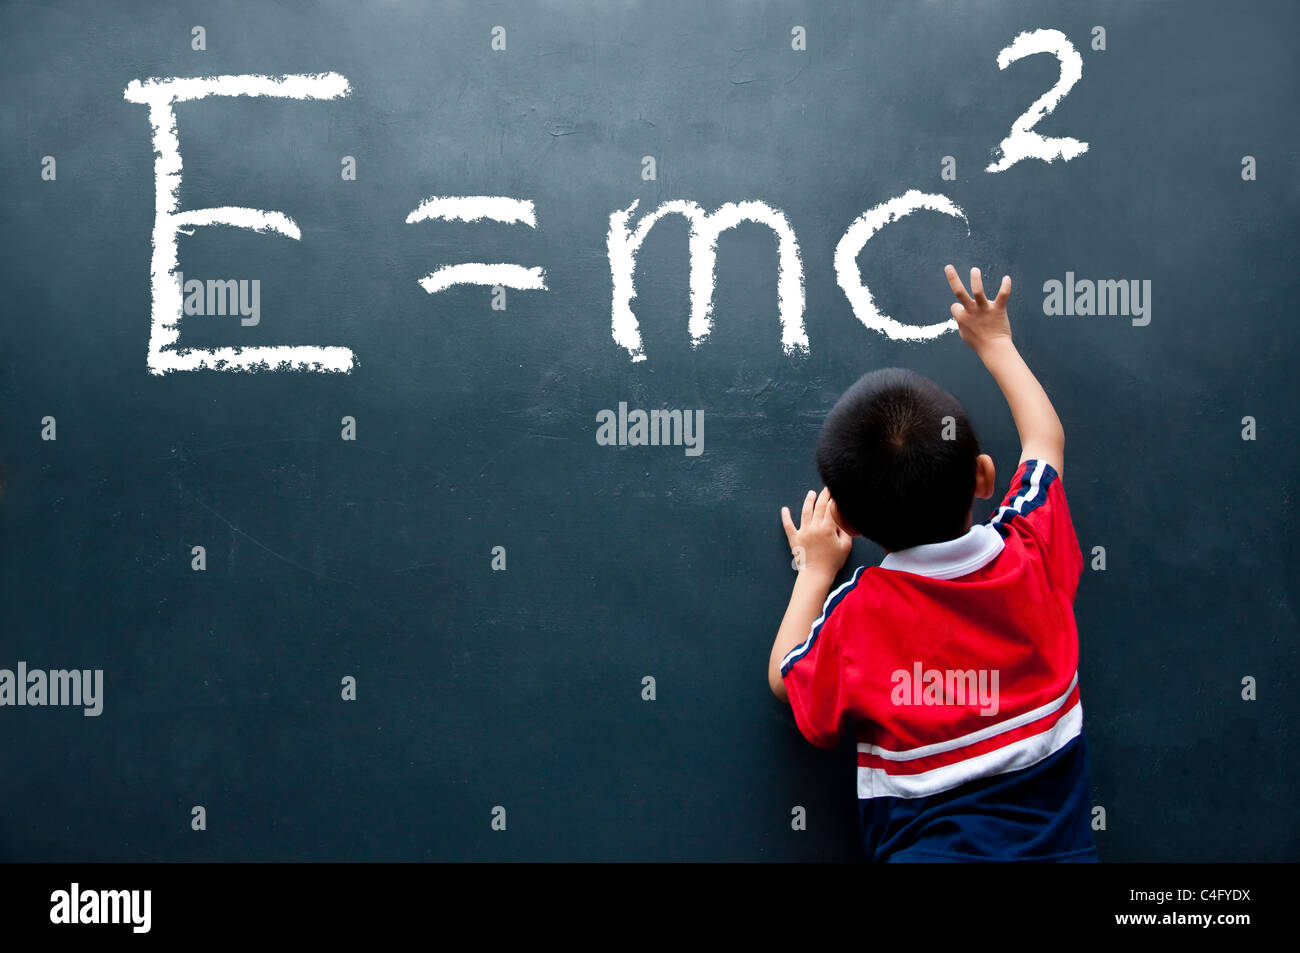 Disegno del ragazzo E=mc2 sulla parete Immagini Stock